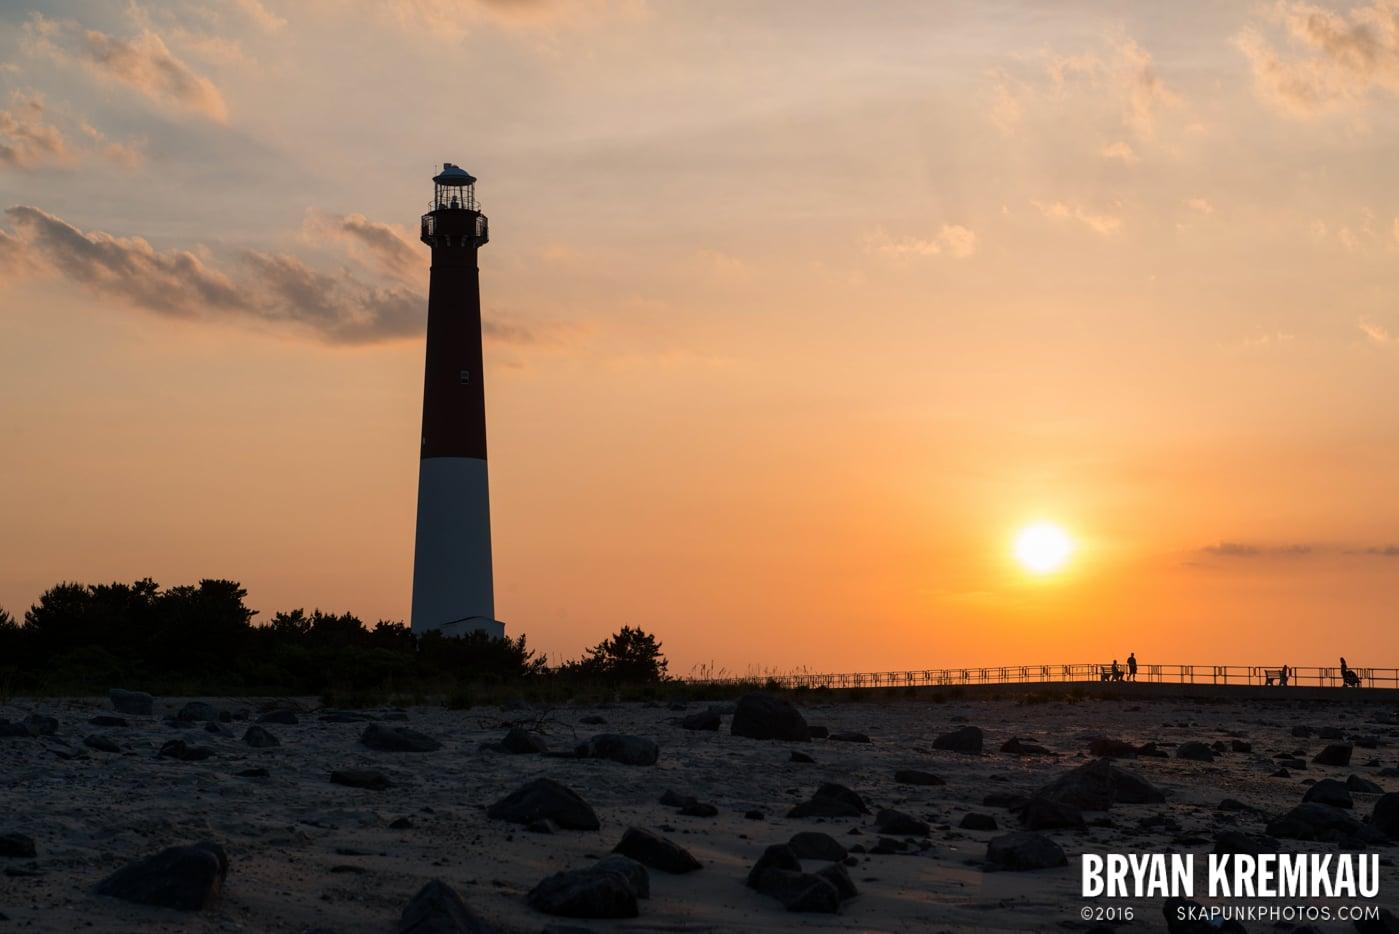 Beach Haven, Long Beach Island, NJ - 6.16.14 - 6.18.14 (13)